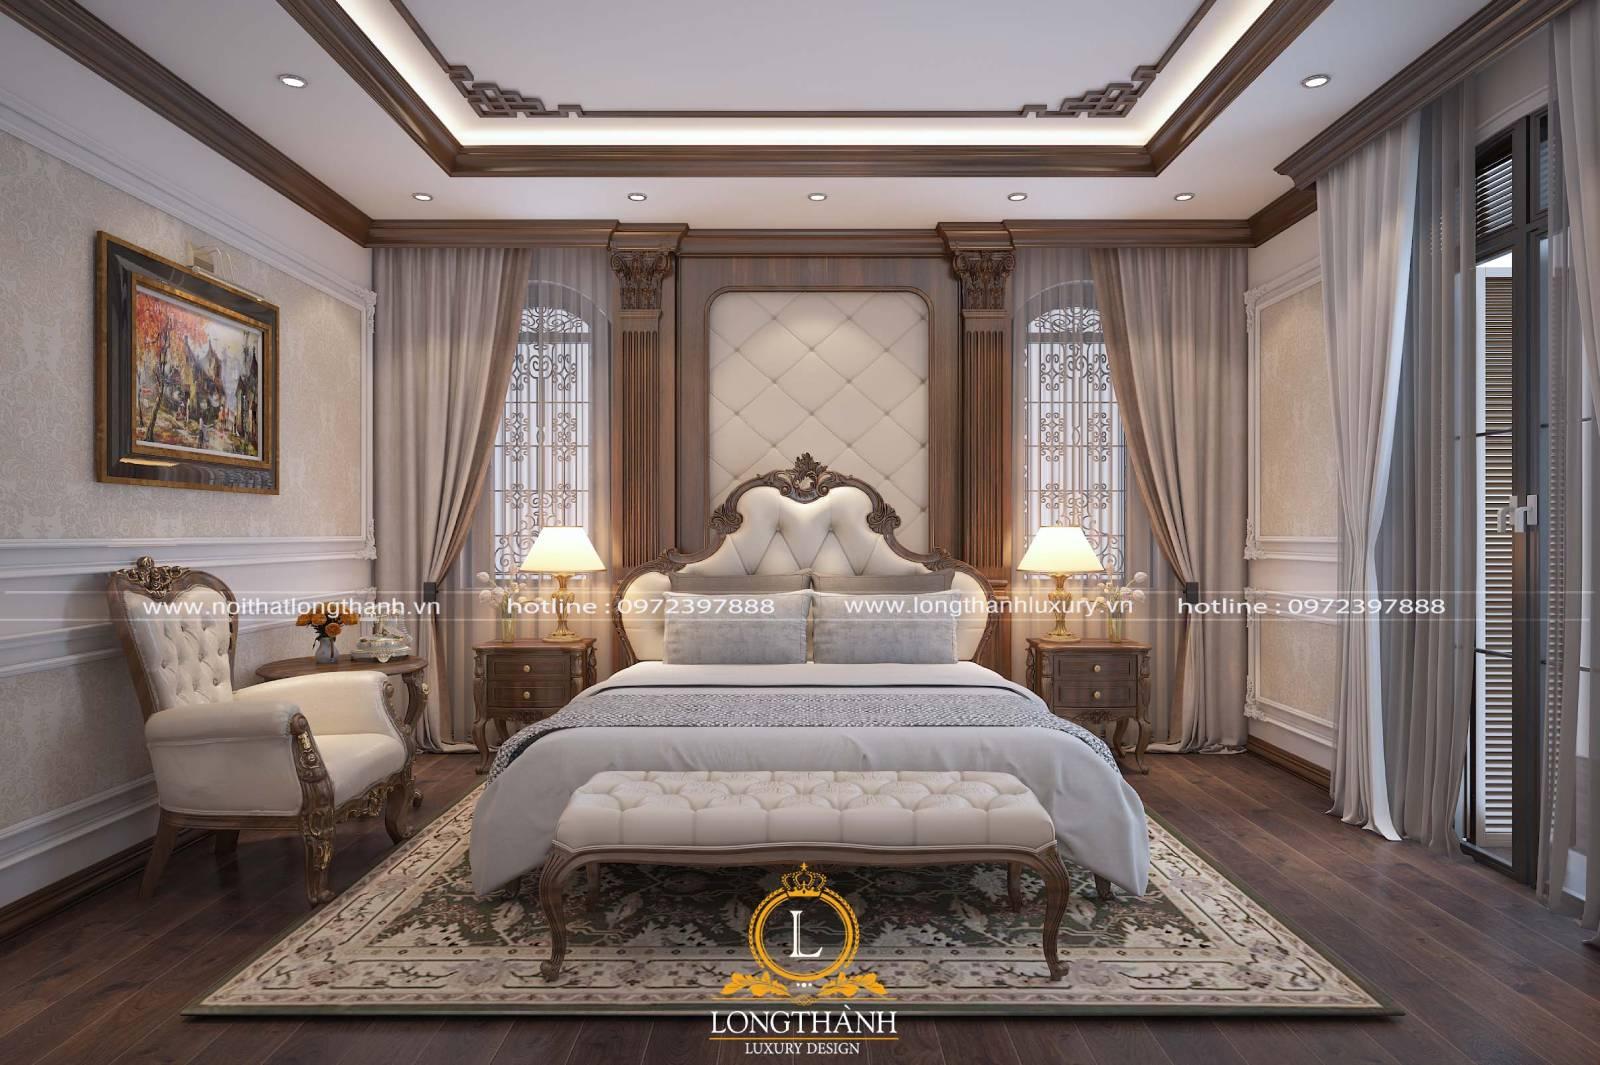 Thiết kế phòng ngủ biệt thự tân cổ điển chất liệu gỗ tự nhiên cao cấp